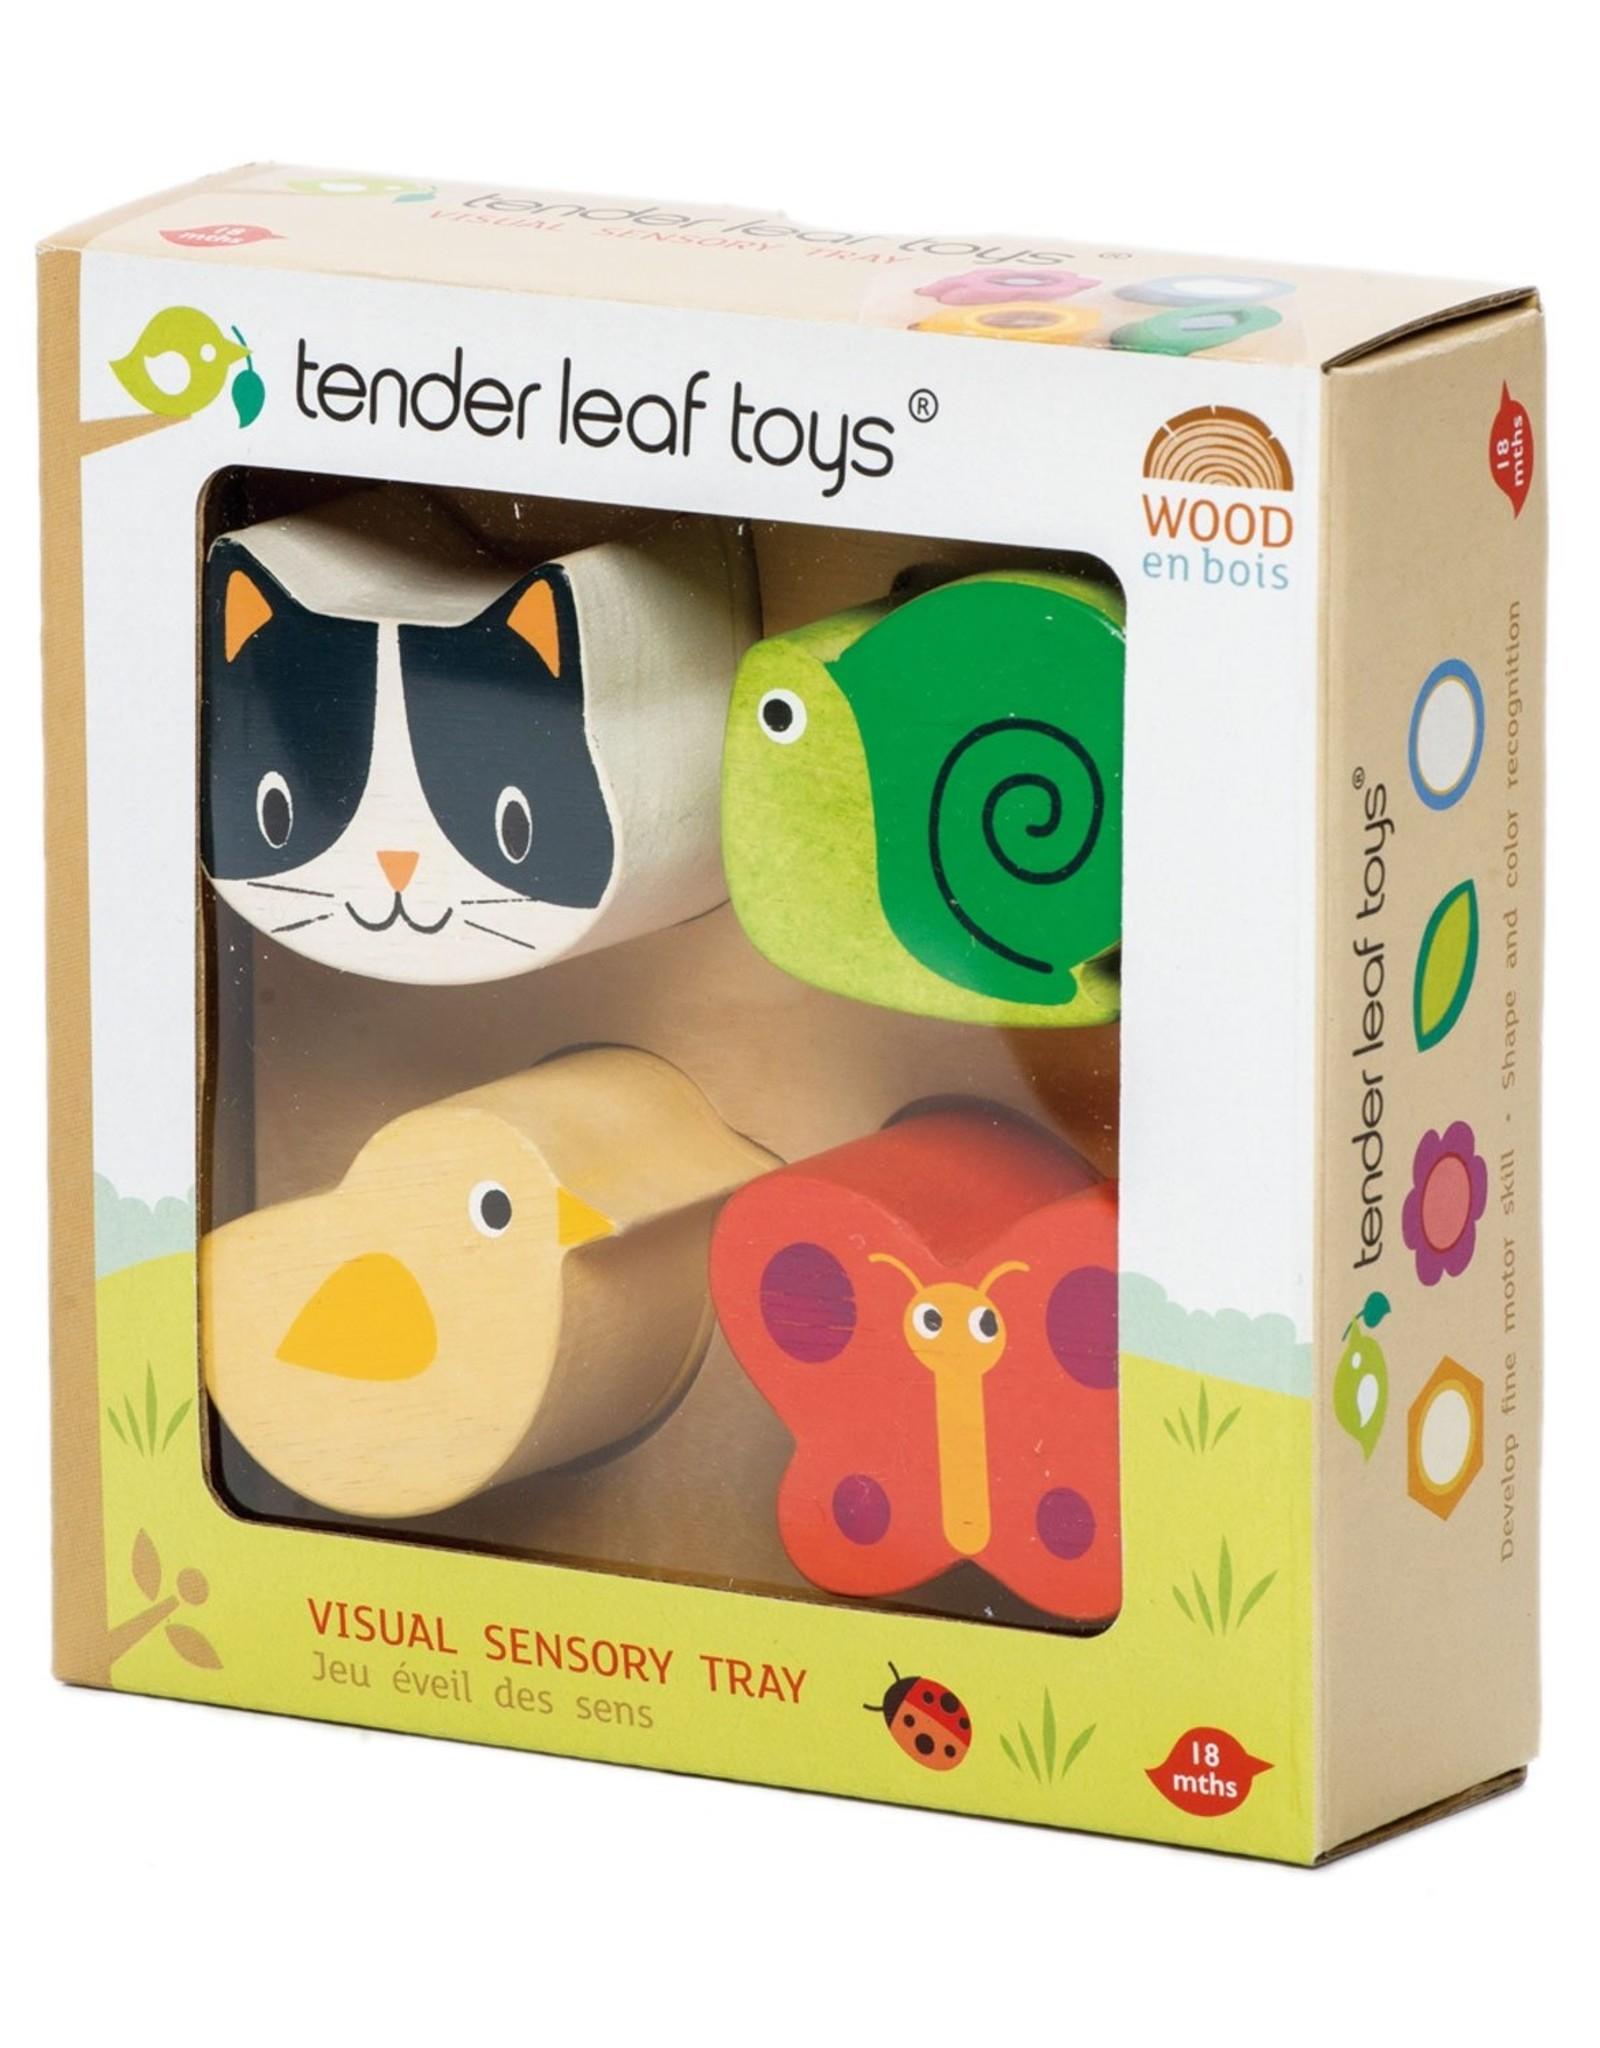 Tender leaf toys Jeu Éveil des sens